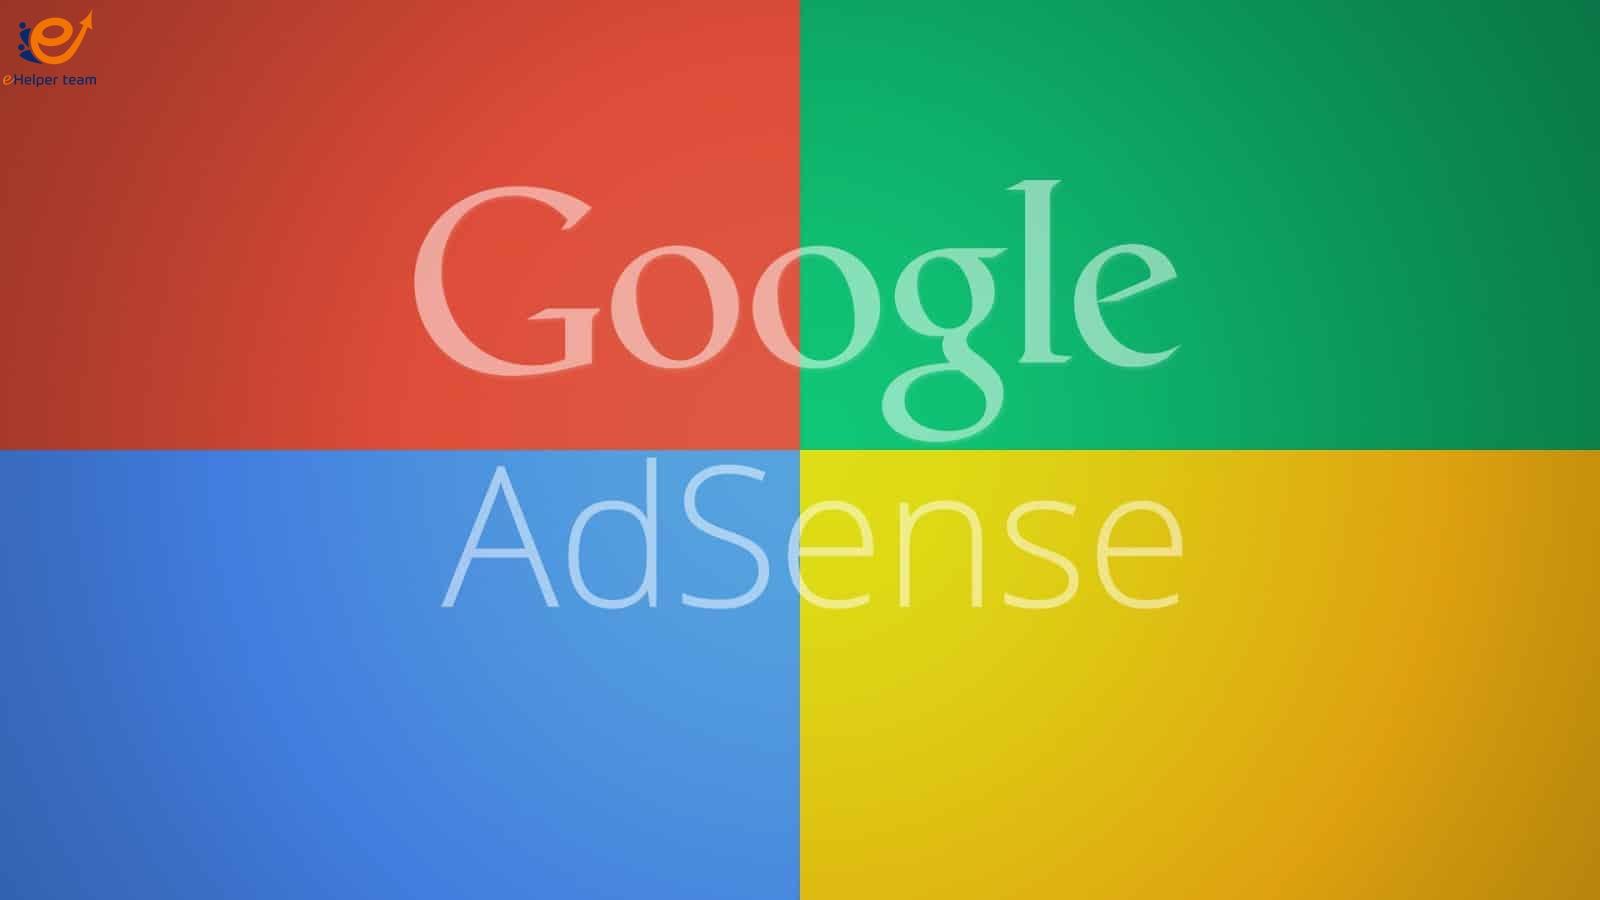 جوجل ادسنس